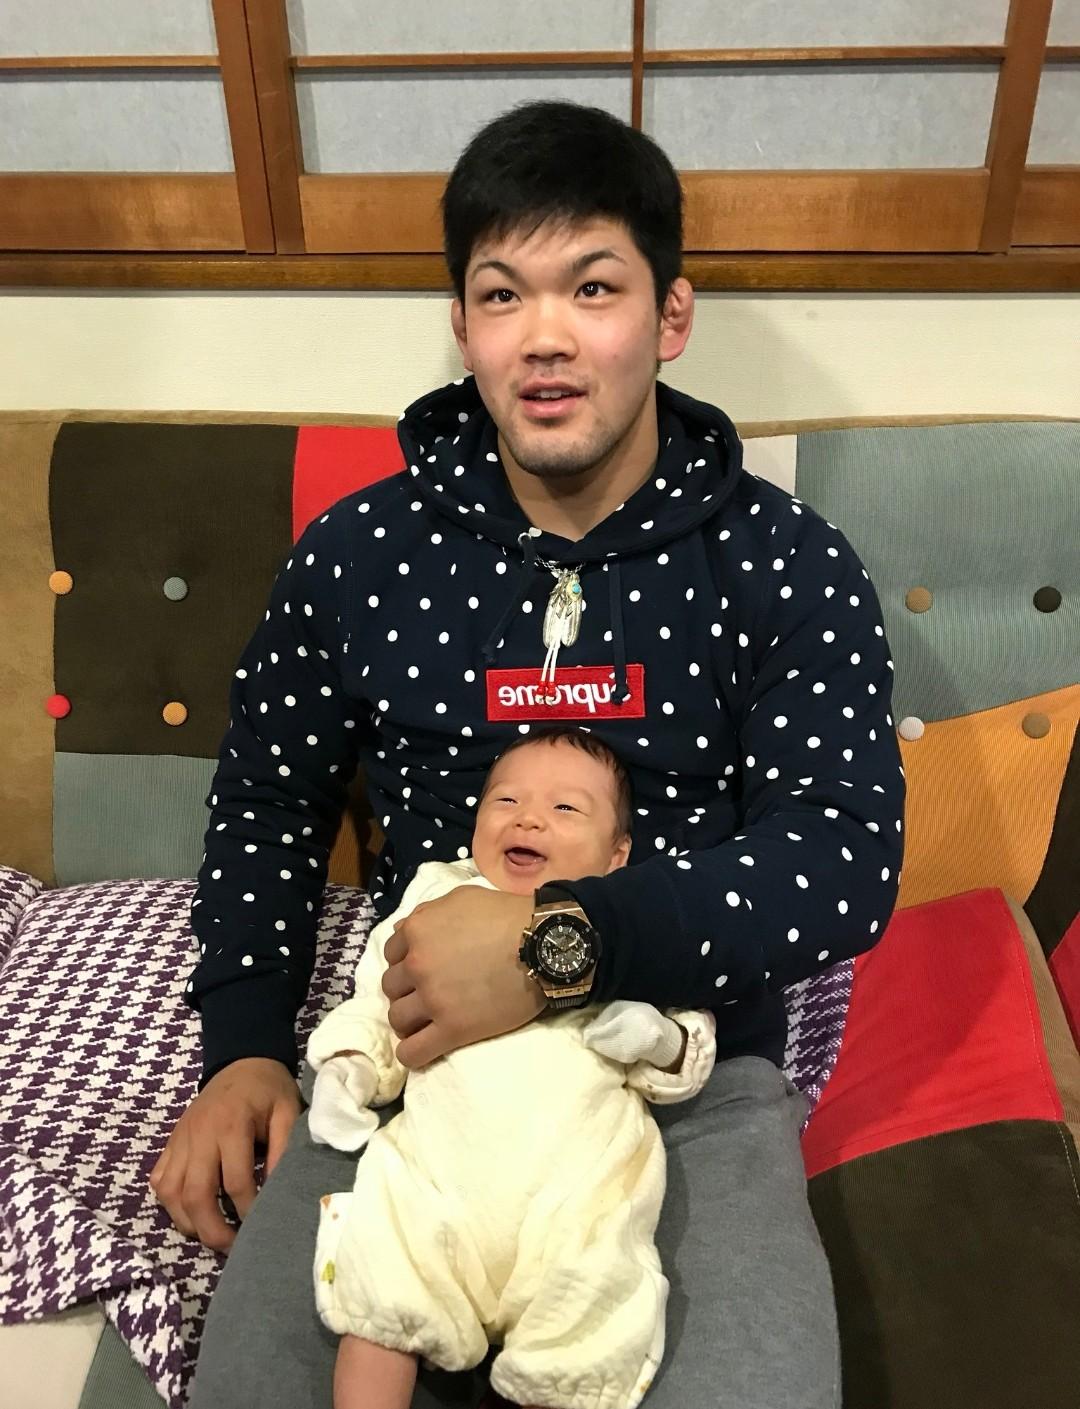 大野将平さんと甥っ子